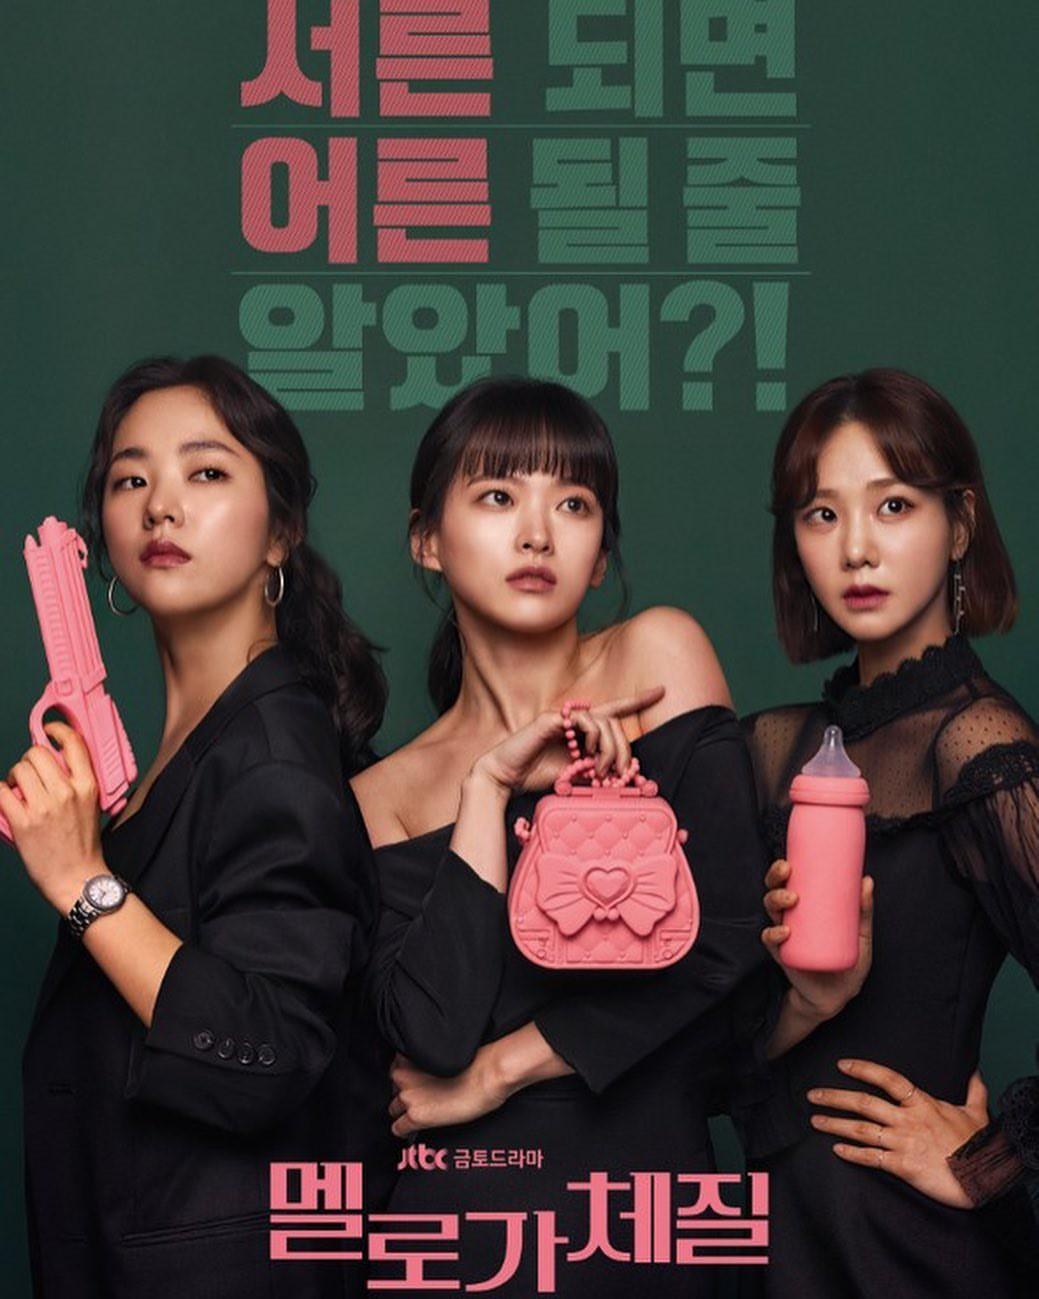 VZN News: Lạ đời xu hướng cổ xuý ngoại tình ở phim Hàn g&#7 847;n đây: Chưa bao giờ có nhiều sự đồng cảm với tiểu tam như thế? - Ảnh 4.